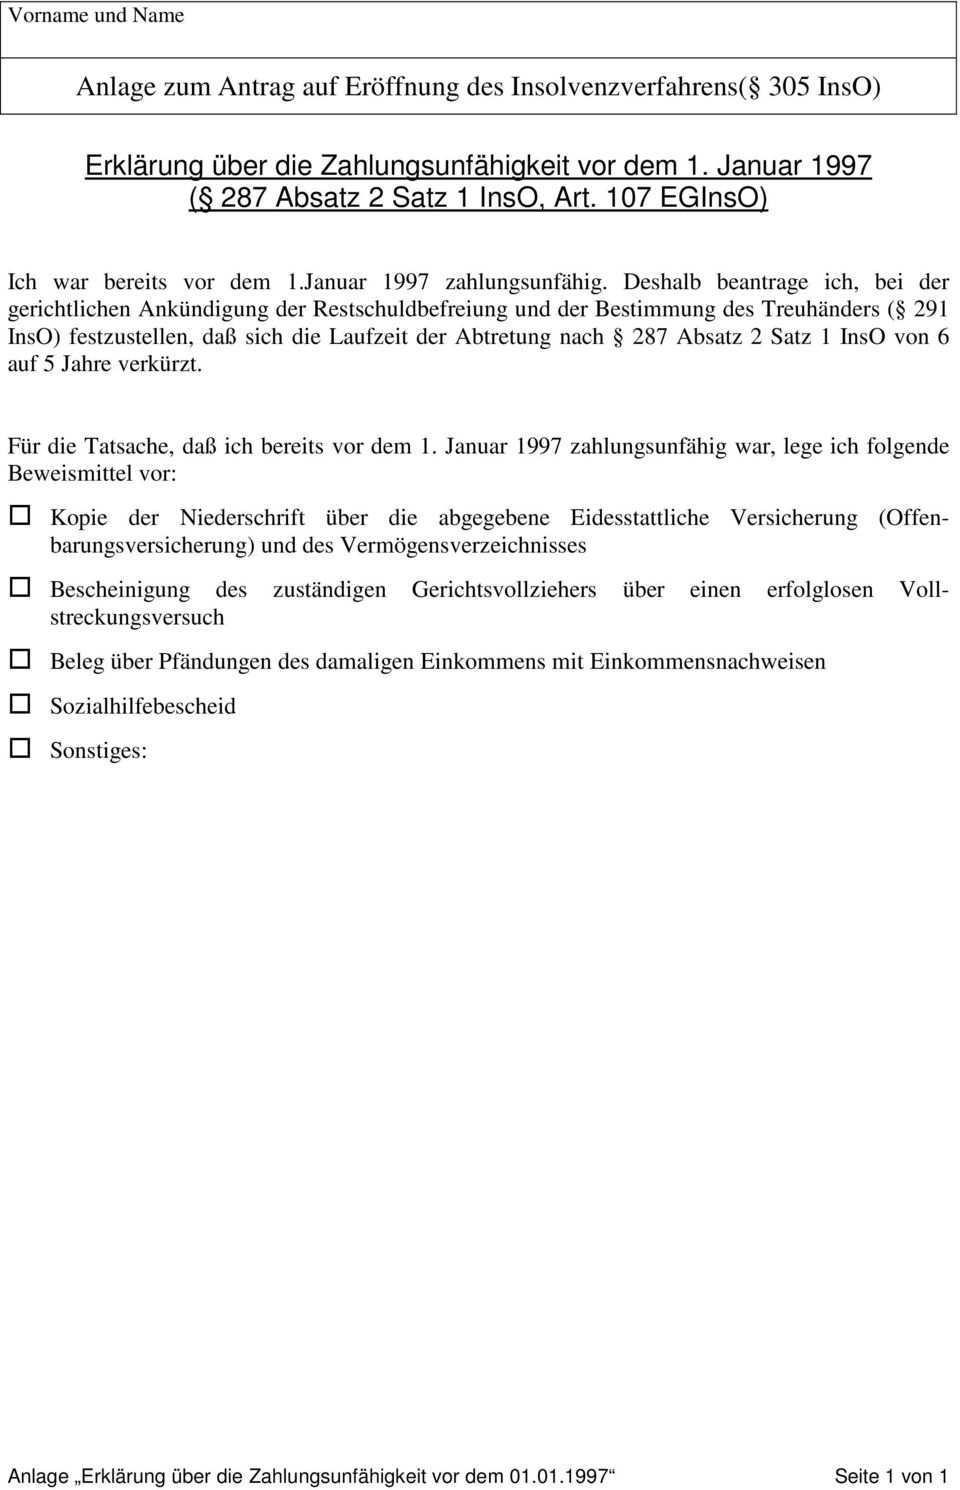 Antrag Auf Eroffnung Des Insolvenzverfahrens Pdf Free Download